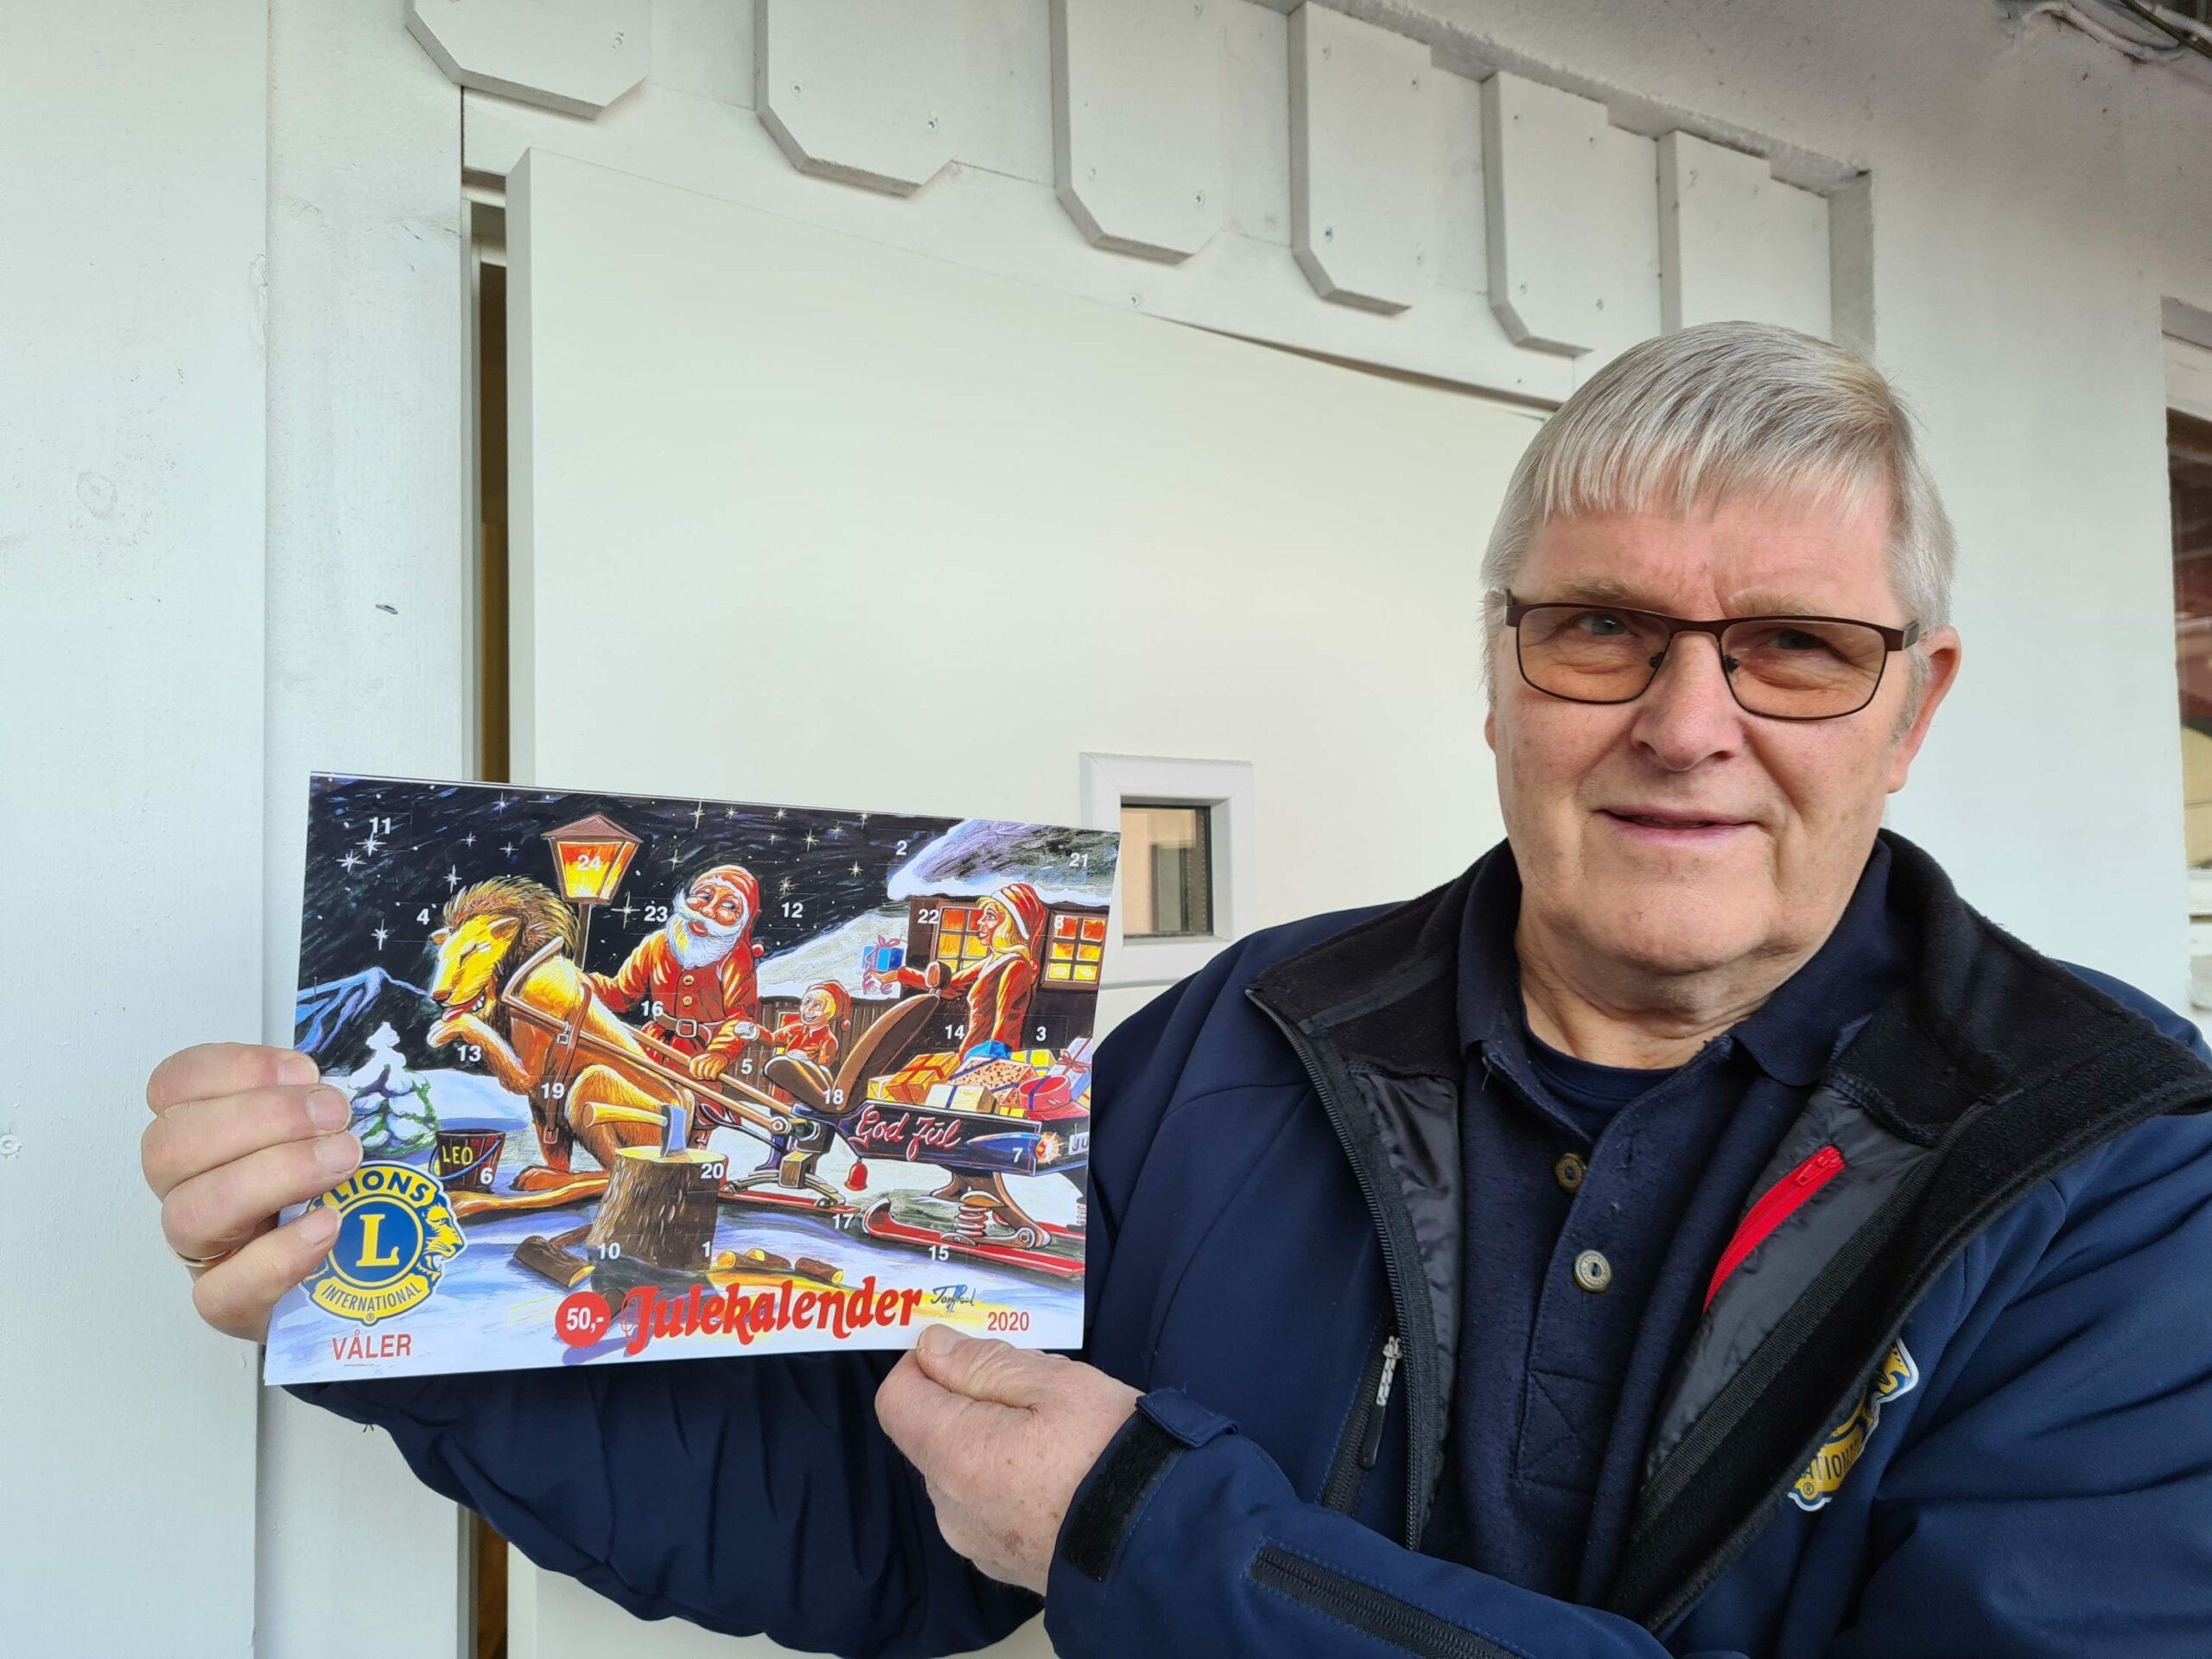 ÅRETS VINNERE: Lions Club Våler er også ute med sin populære julekalender i år. Steinar Sandnæs takker alle som har kjøpt kalender i år.